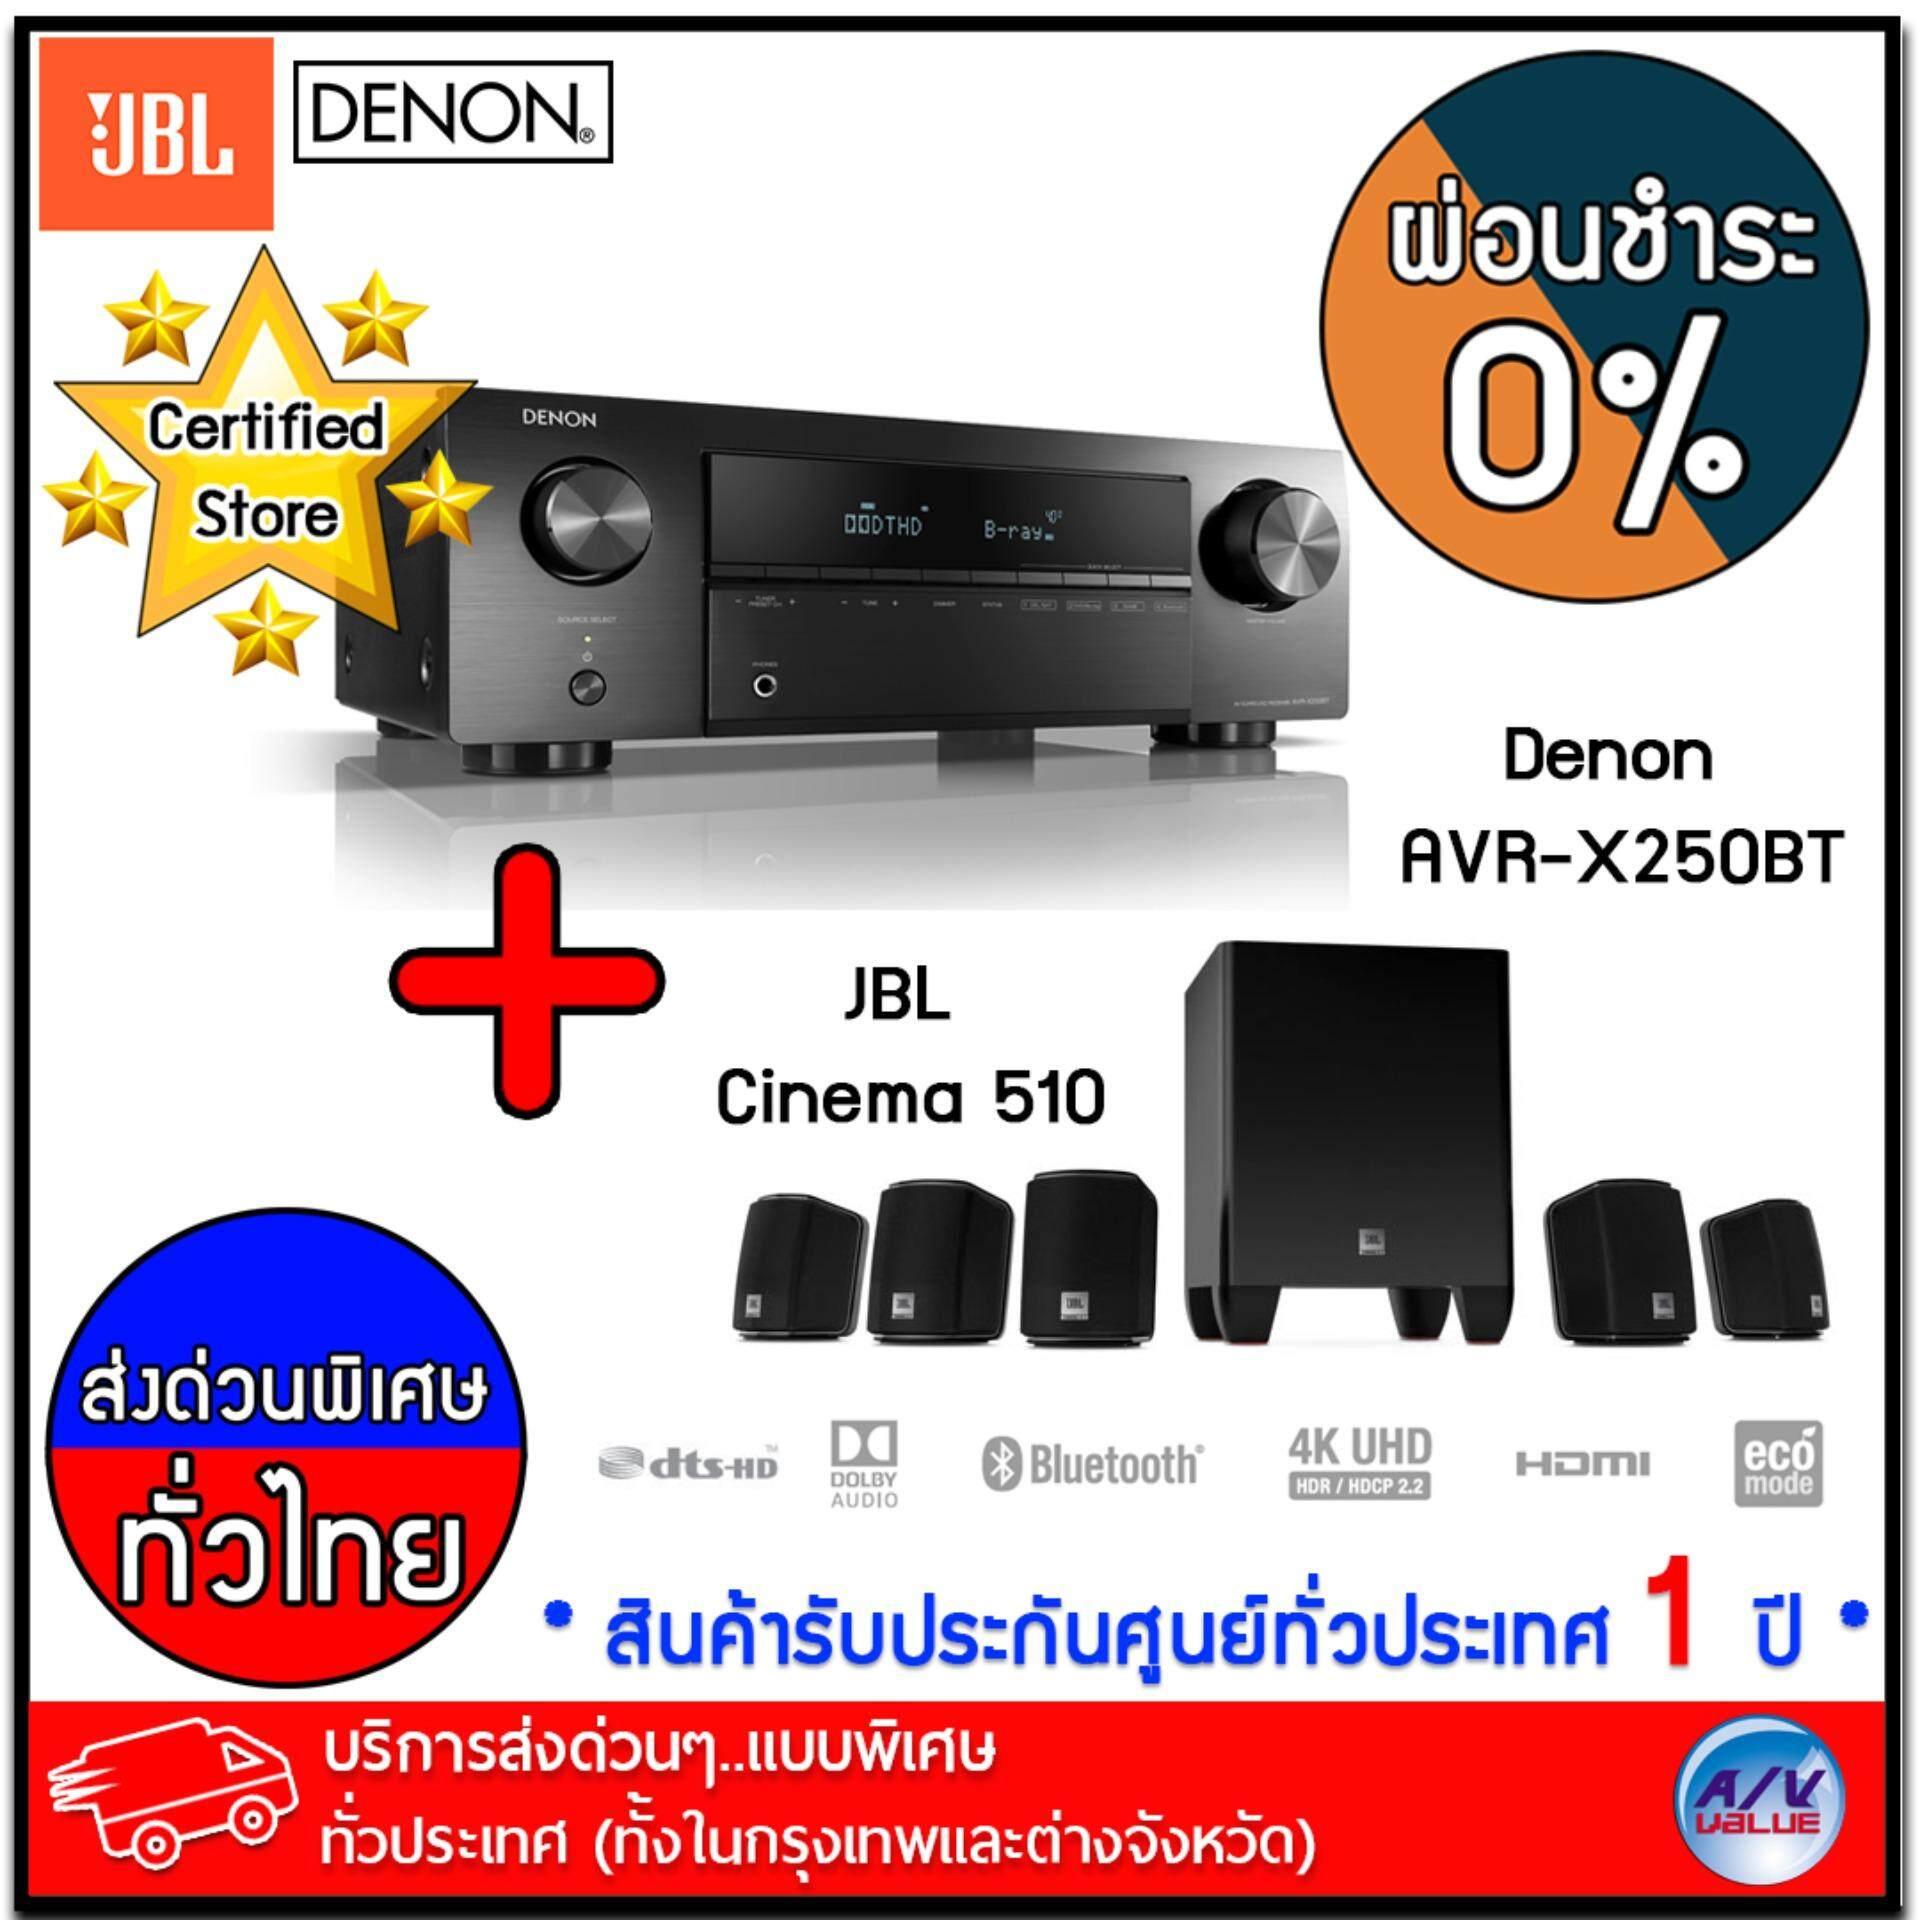 การใช้งาน  อุบลราชธานี Denon AVR-X250BT 5.1 Ch. 4K Ultra HD AV Receiver with Bluetooth + JBL Cinema 510 5.1 Home Theater Speaker System with Powered Subwoofer *** บริการส่งด่วนแบบพิเศษ!ทั่วประเทศ (ทั้งในกรุงเทพและต่างจังหวัด)*** ** ผ่อนชำระ 0% **